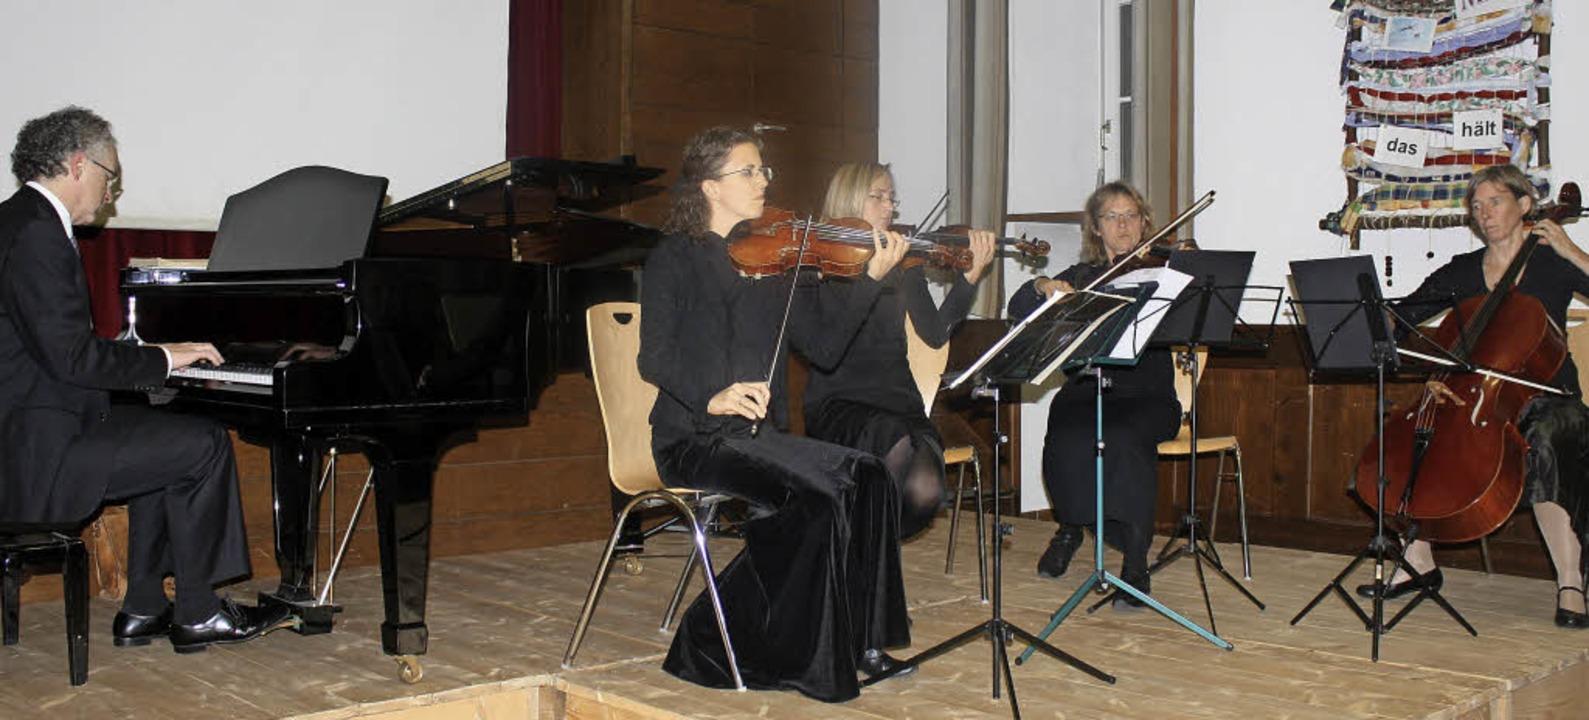 Ein Streichquartett – Carina Kal...rtson (Klavier) als Solist darbietet.   | Foto: Hildegard Karig